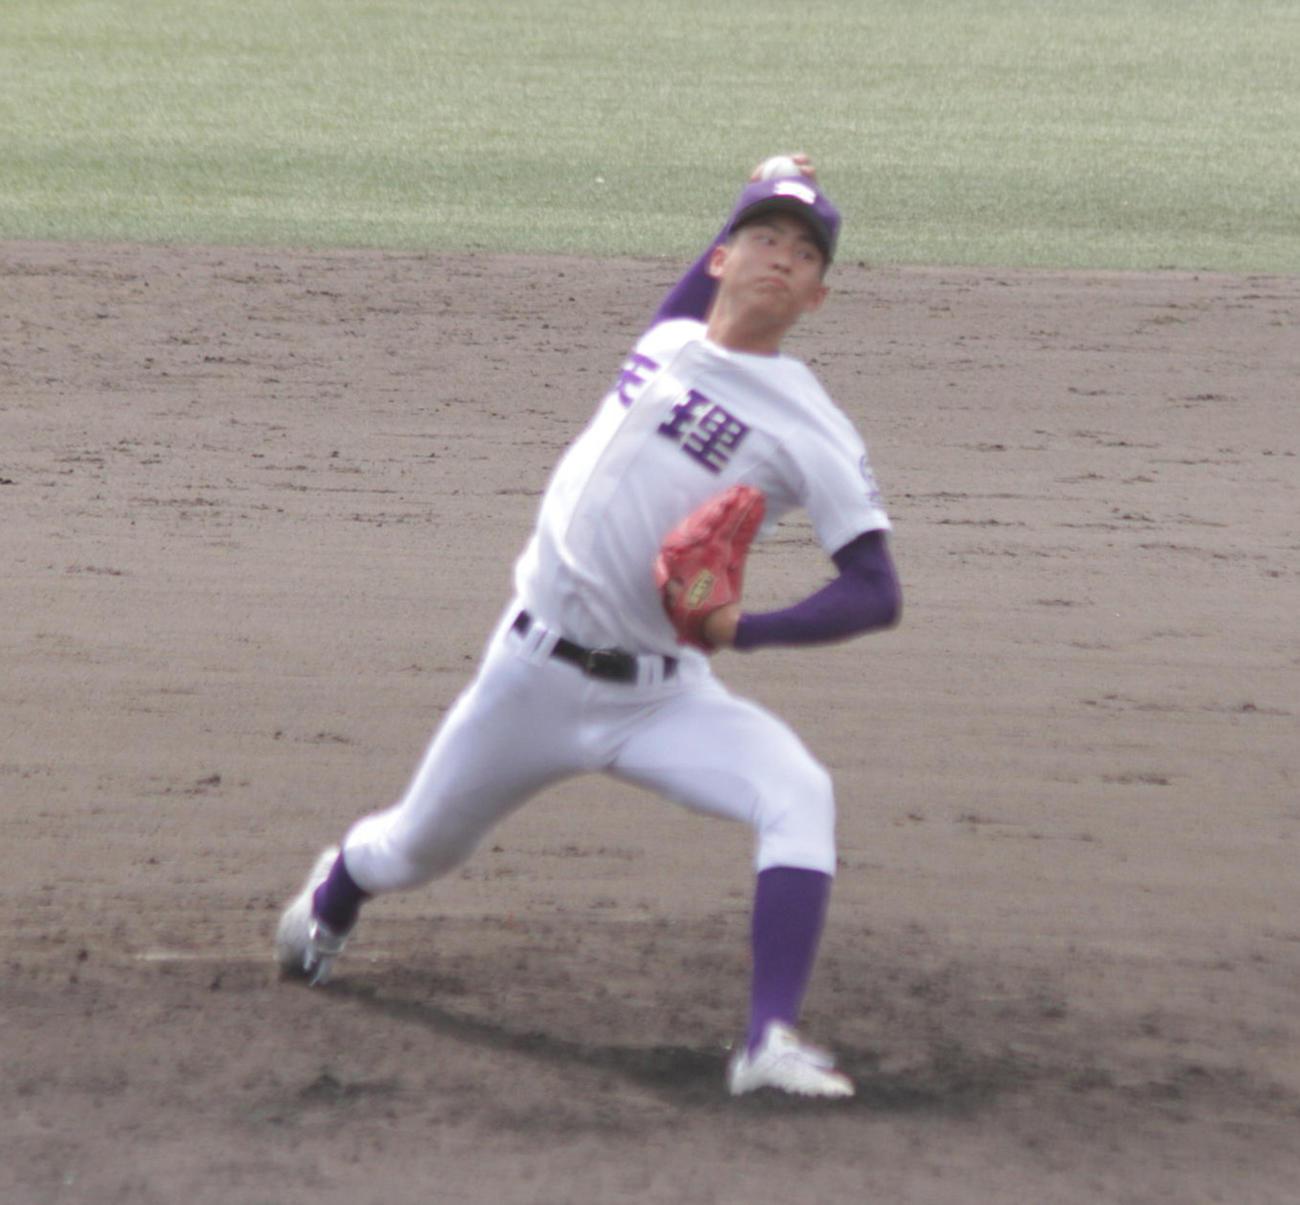 天理はエース達孝太投手がセンバツ後、初の対外試合を1回無失点だった